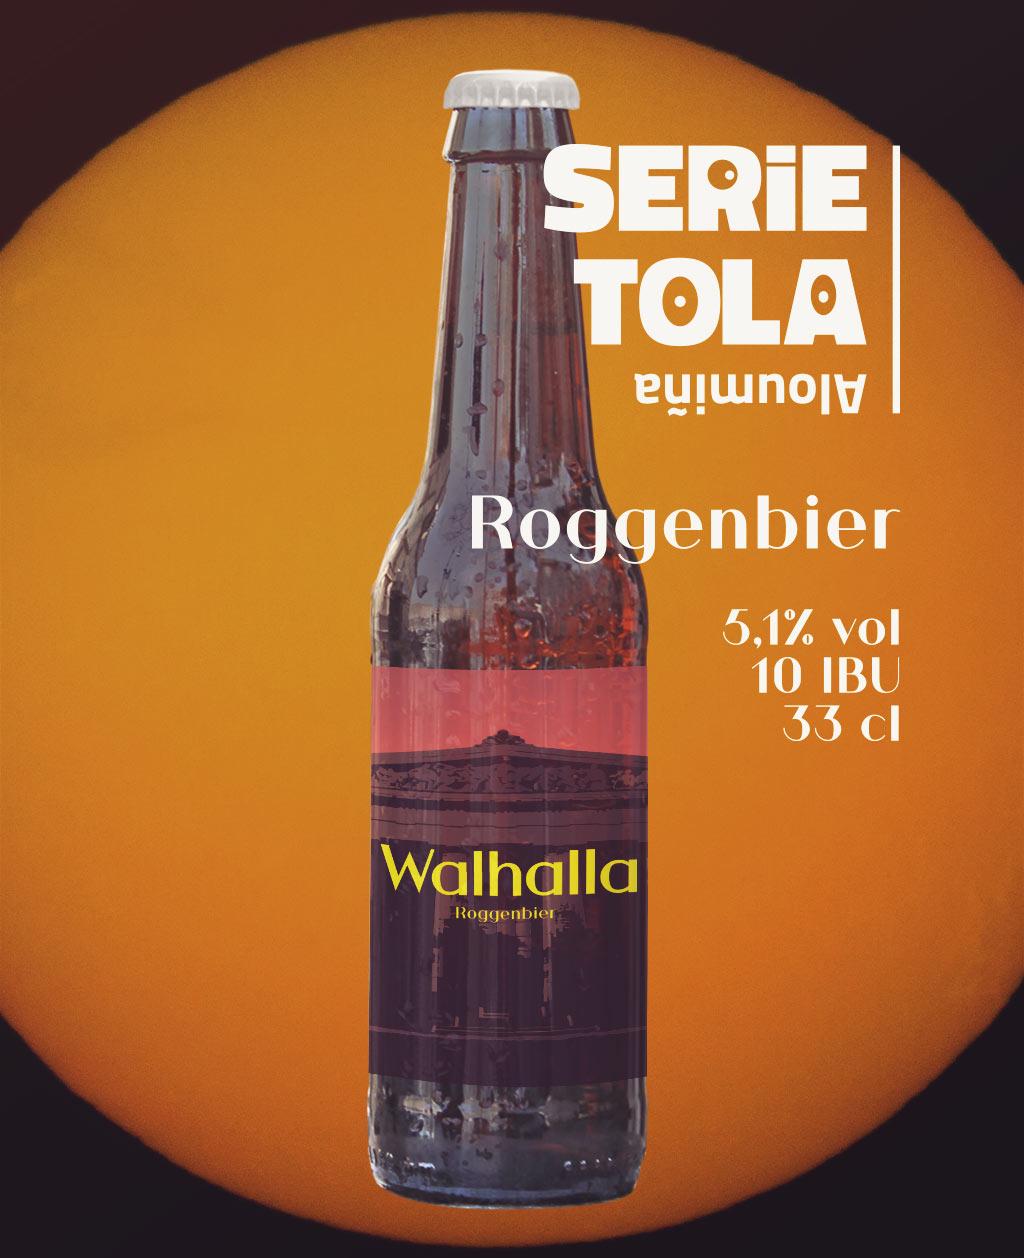 aloumina-cervexa-artesana-craft-beer-caja-variada-serietola-frikisatope-walhalla-1024×1268-000